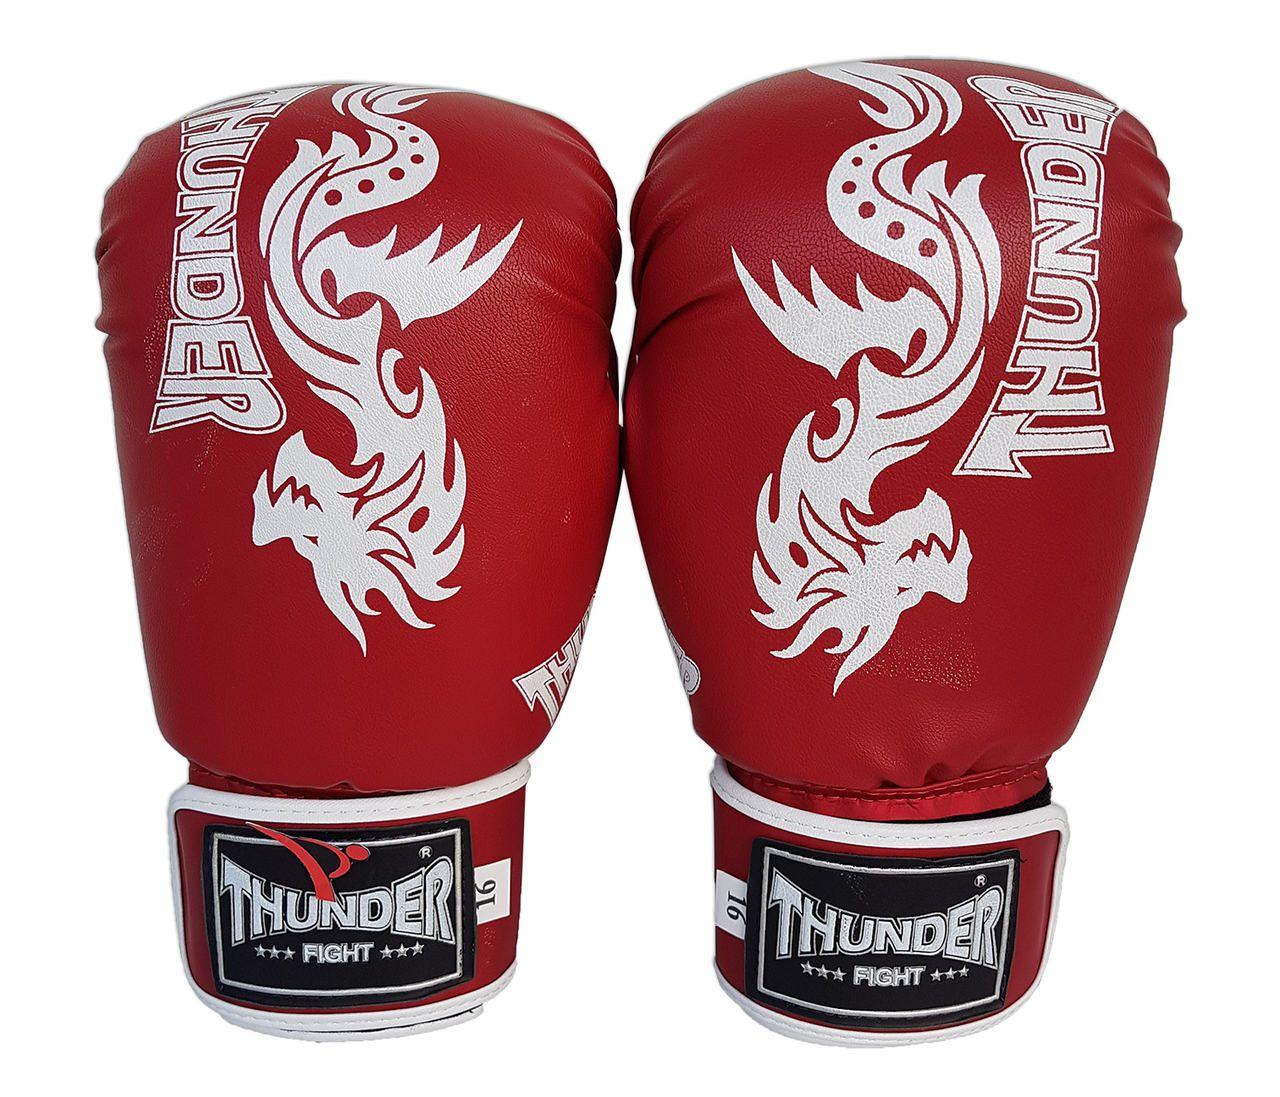 Luva de Boxe / Muay Thai 16oz - Vermelho Dragão - Thunder Fight  - PRALUTA SHOP